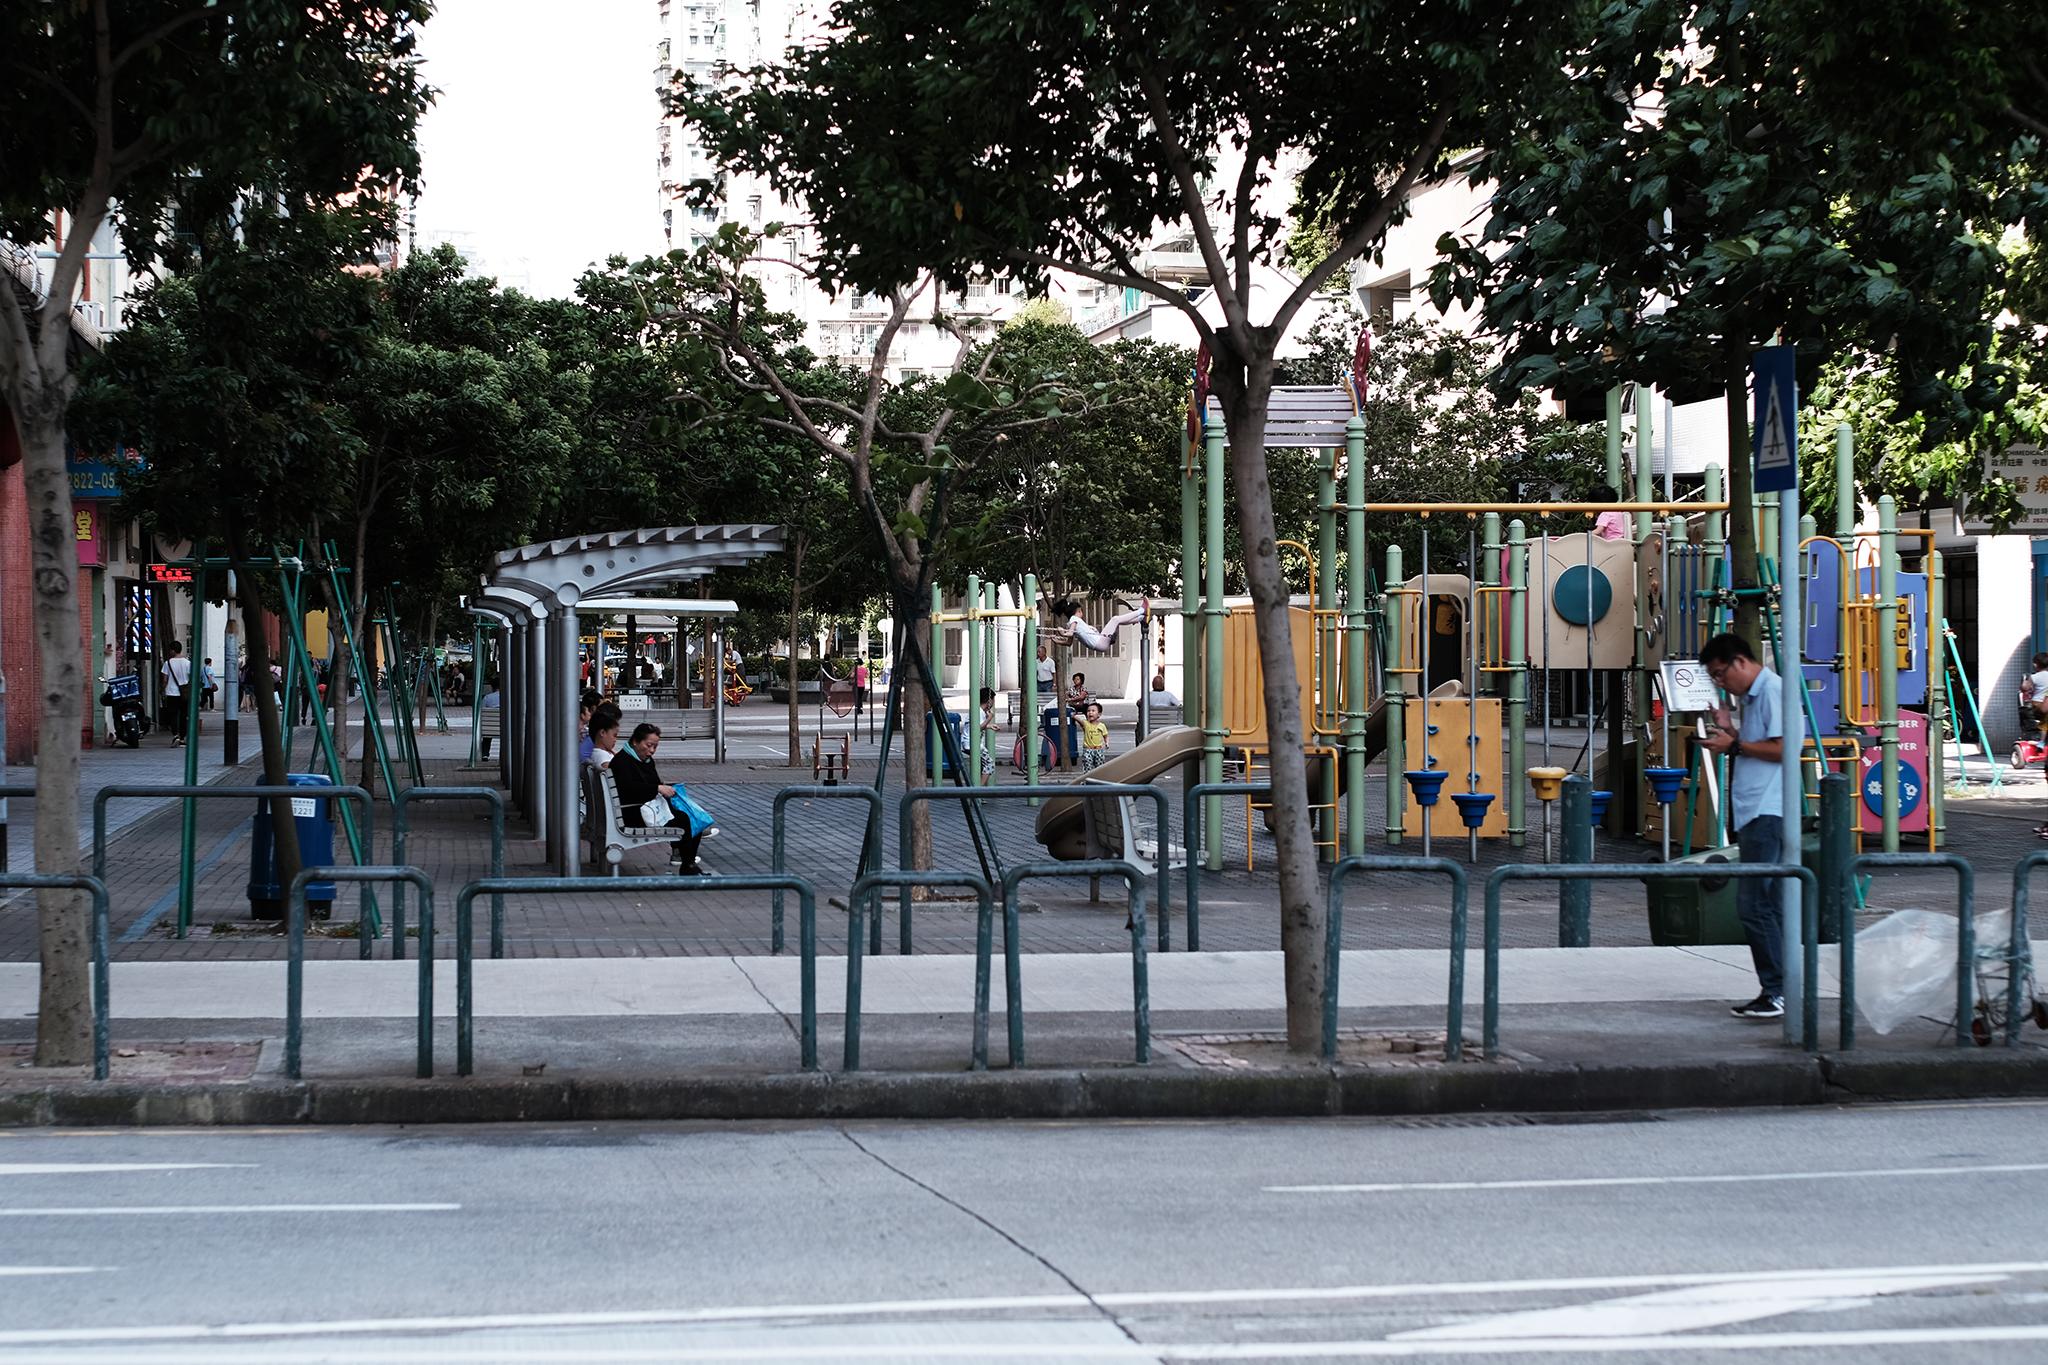 Parques infantis | Instalações inadequadas para portadores de deficiência